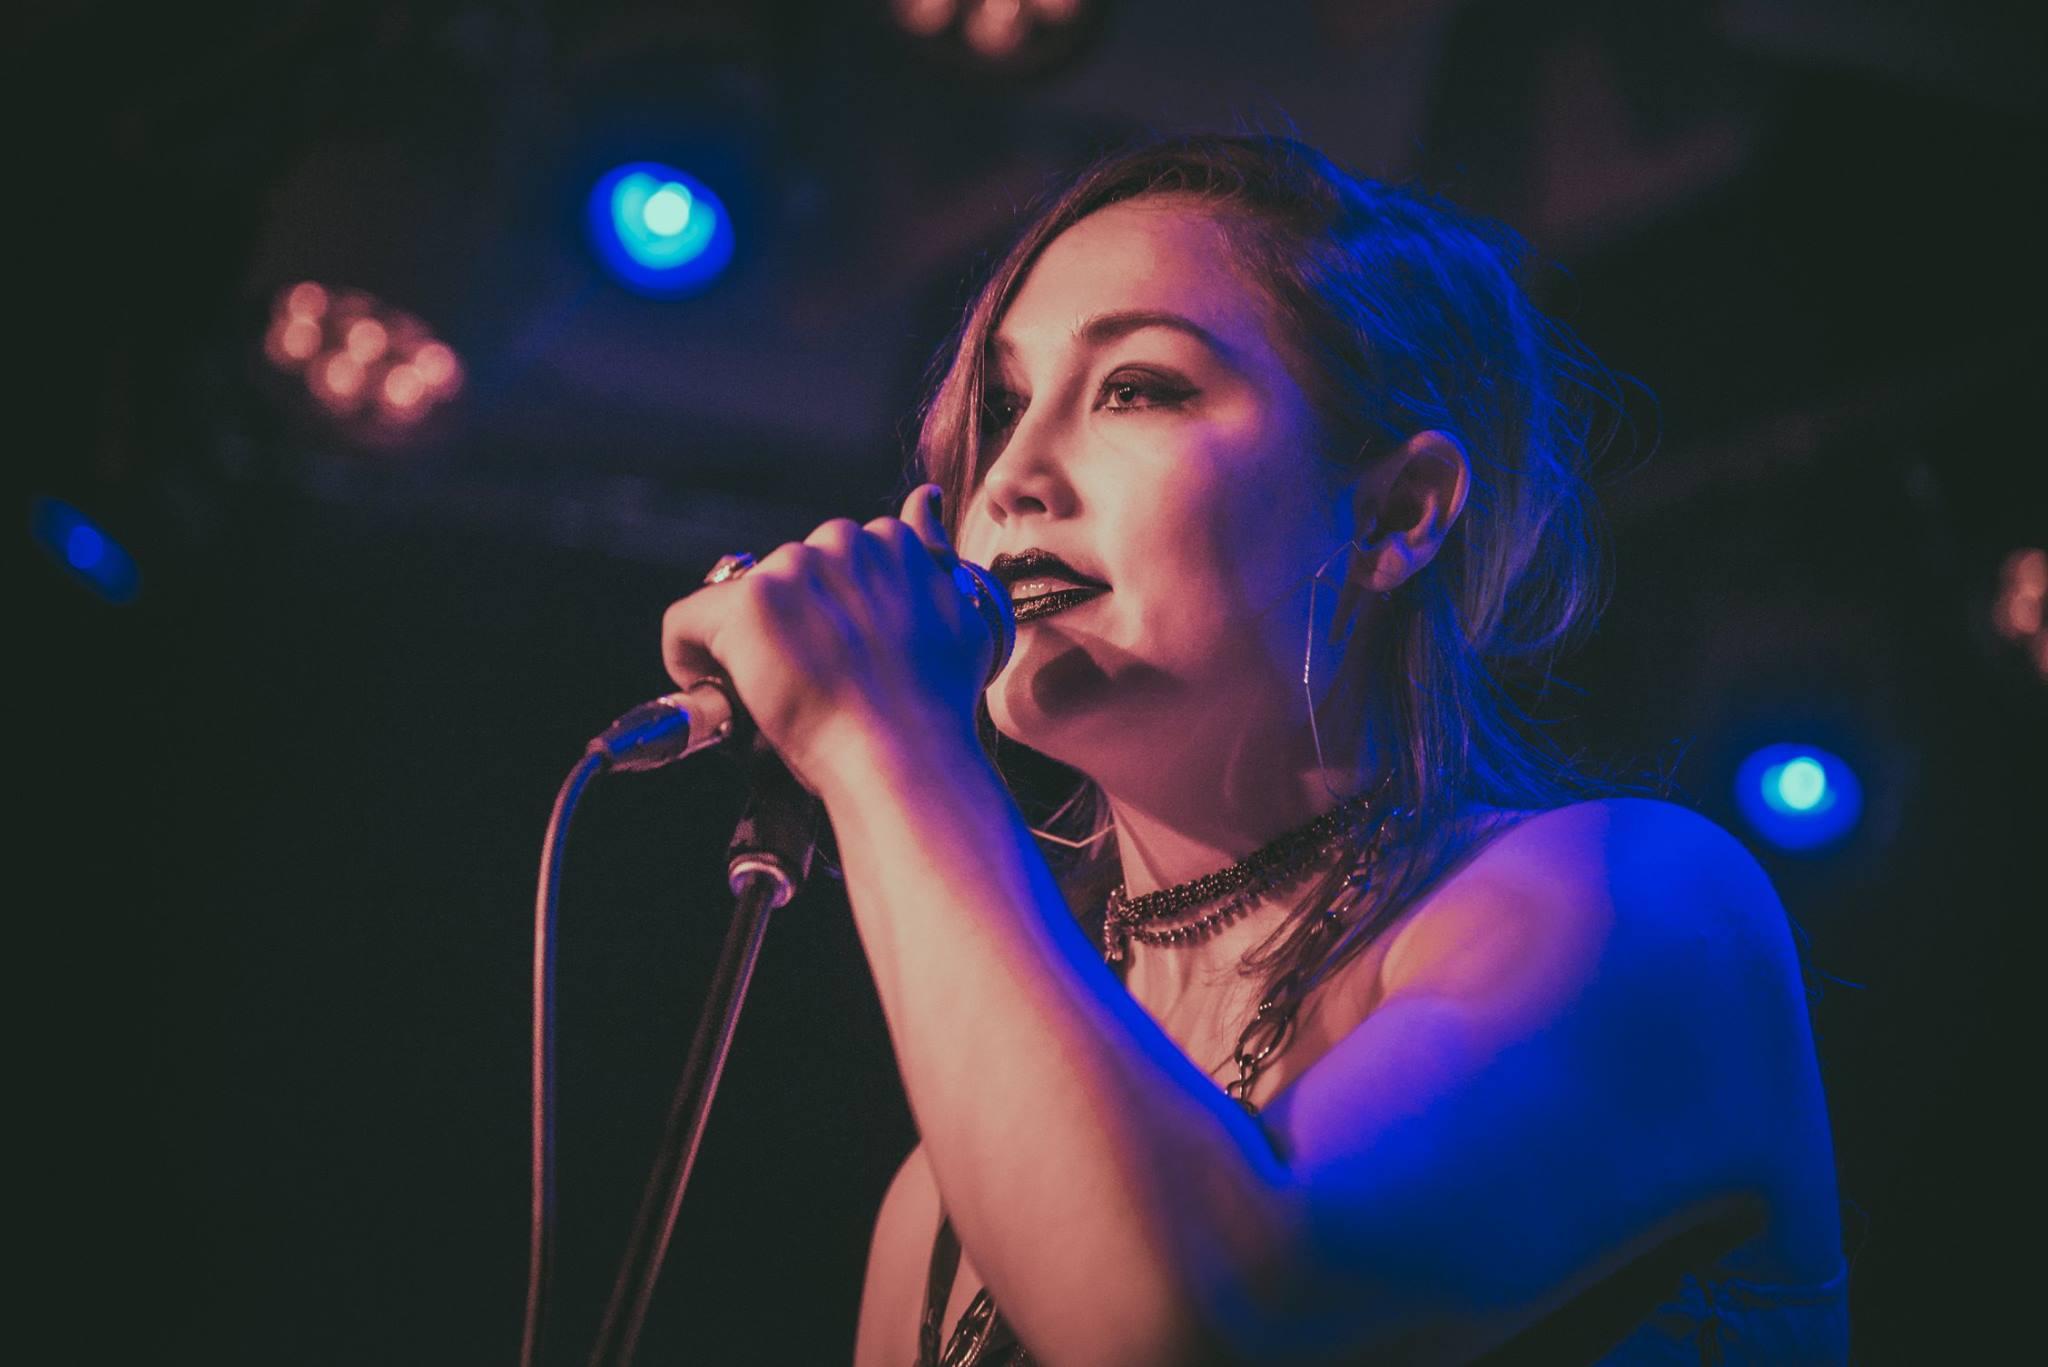 saajtak live at El Club, Detroit. saajtak with Xiu Xiu.